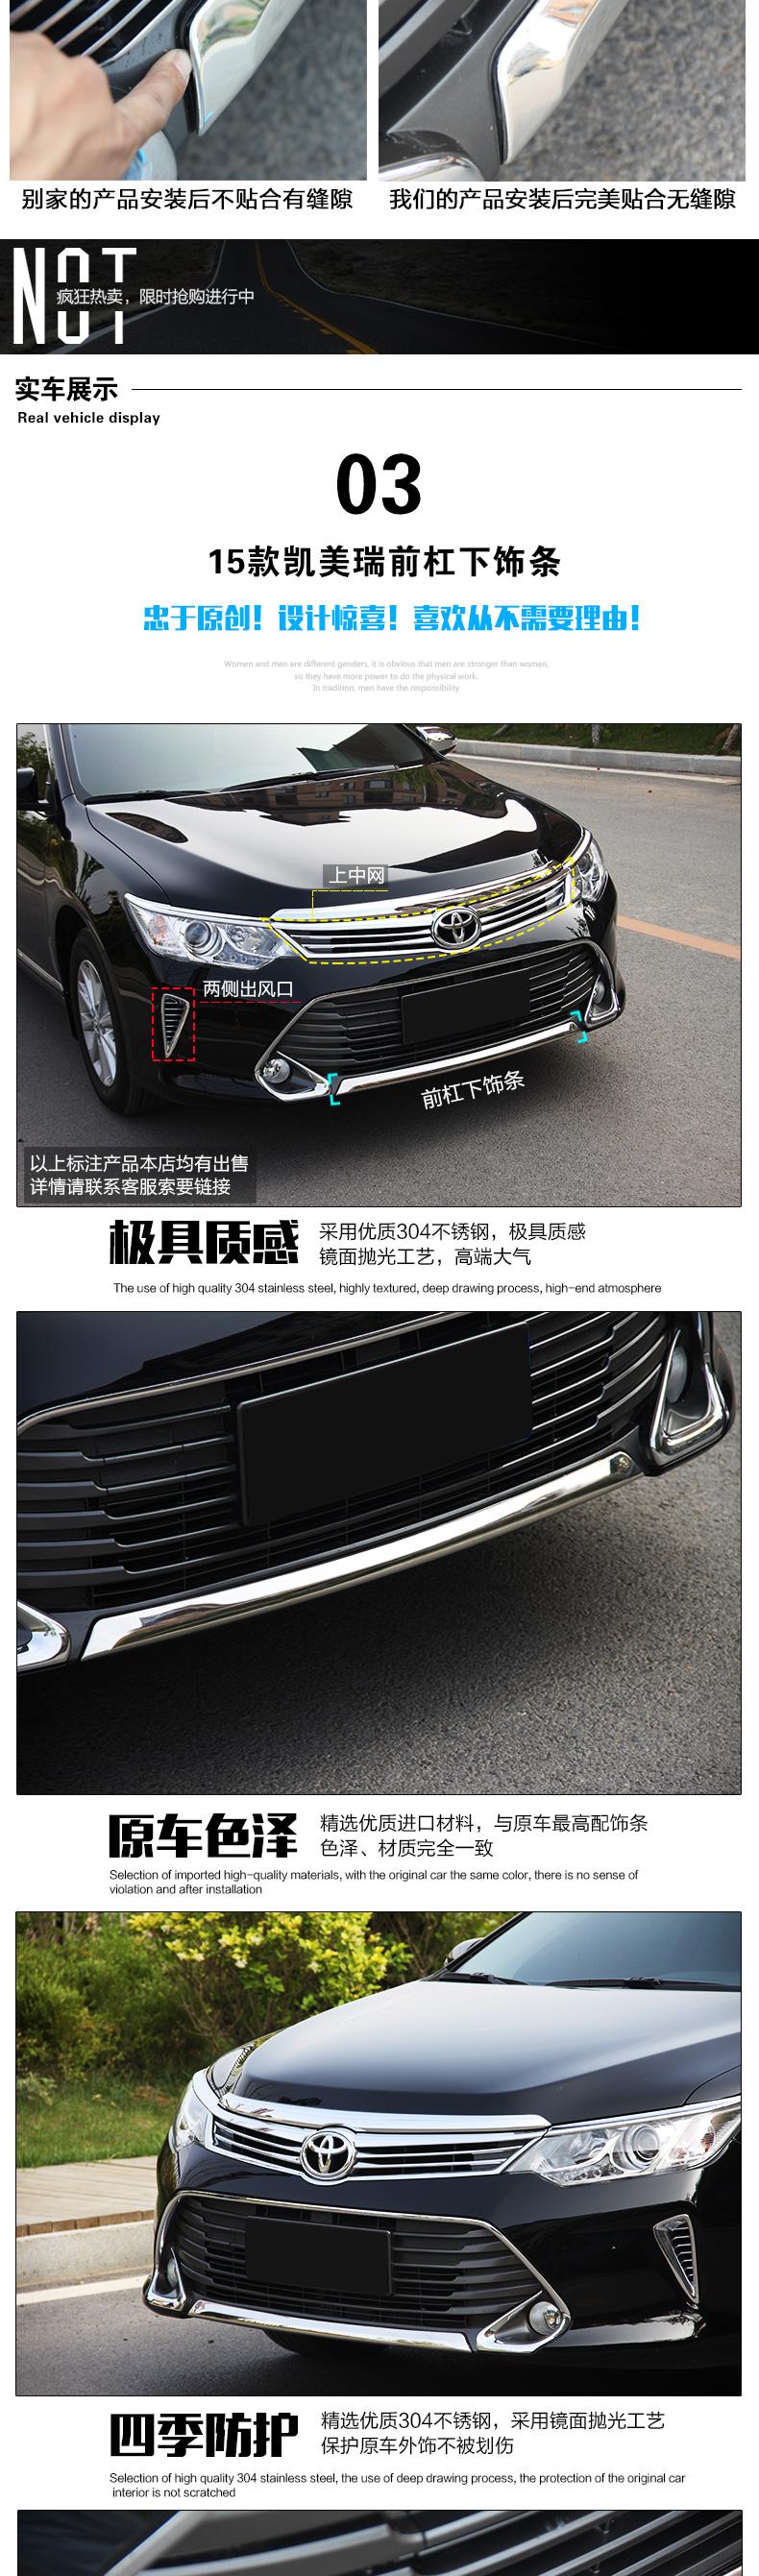 Купить & T Для Toyota Camry 2015 Бампер хромированной отделкой автомобилей стайлинг Автомобиля Специальный высококачественный ABS Camry Передний бампер наклейки отделка